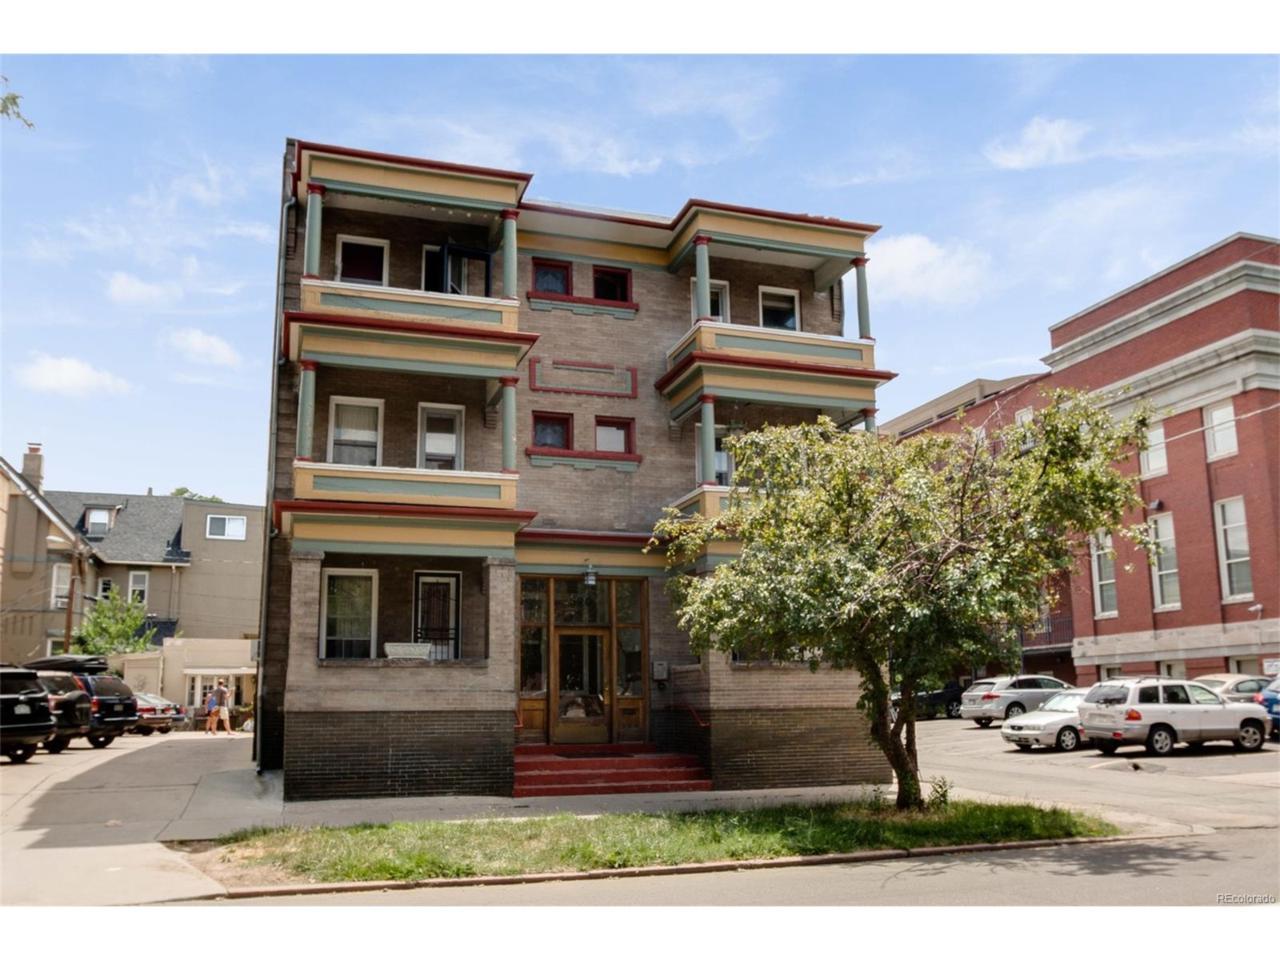 520 E 14th Avenue #4, Denver, CO 80203 (MLS #4456629) :: 8z Real Estate